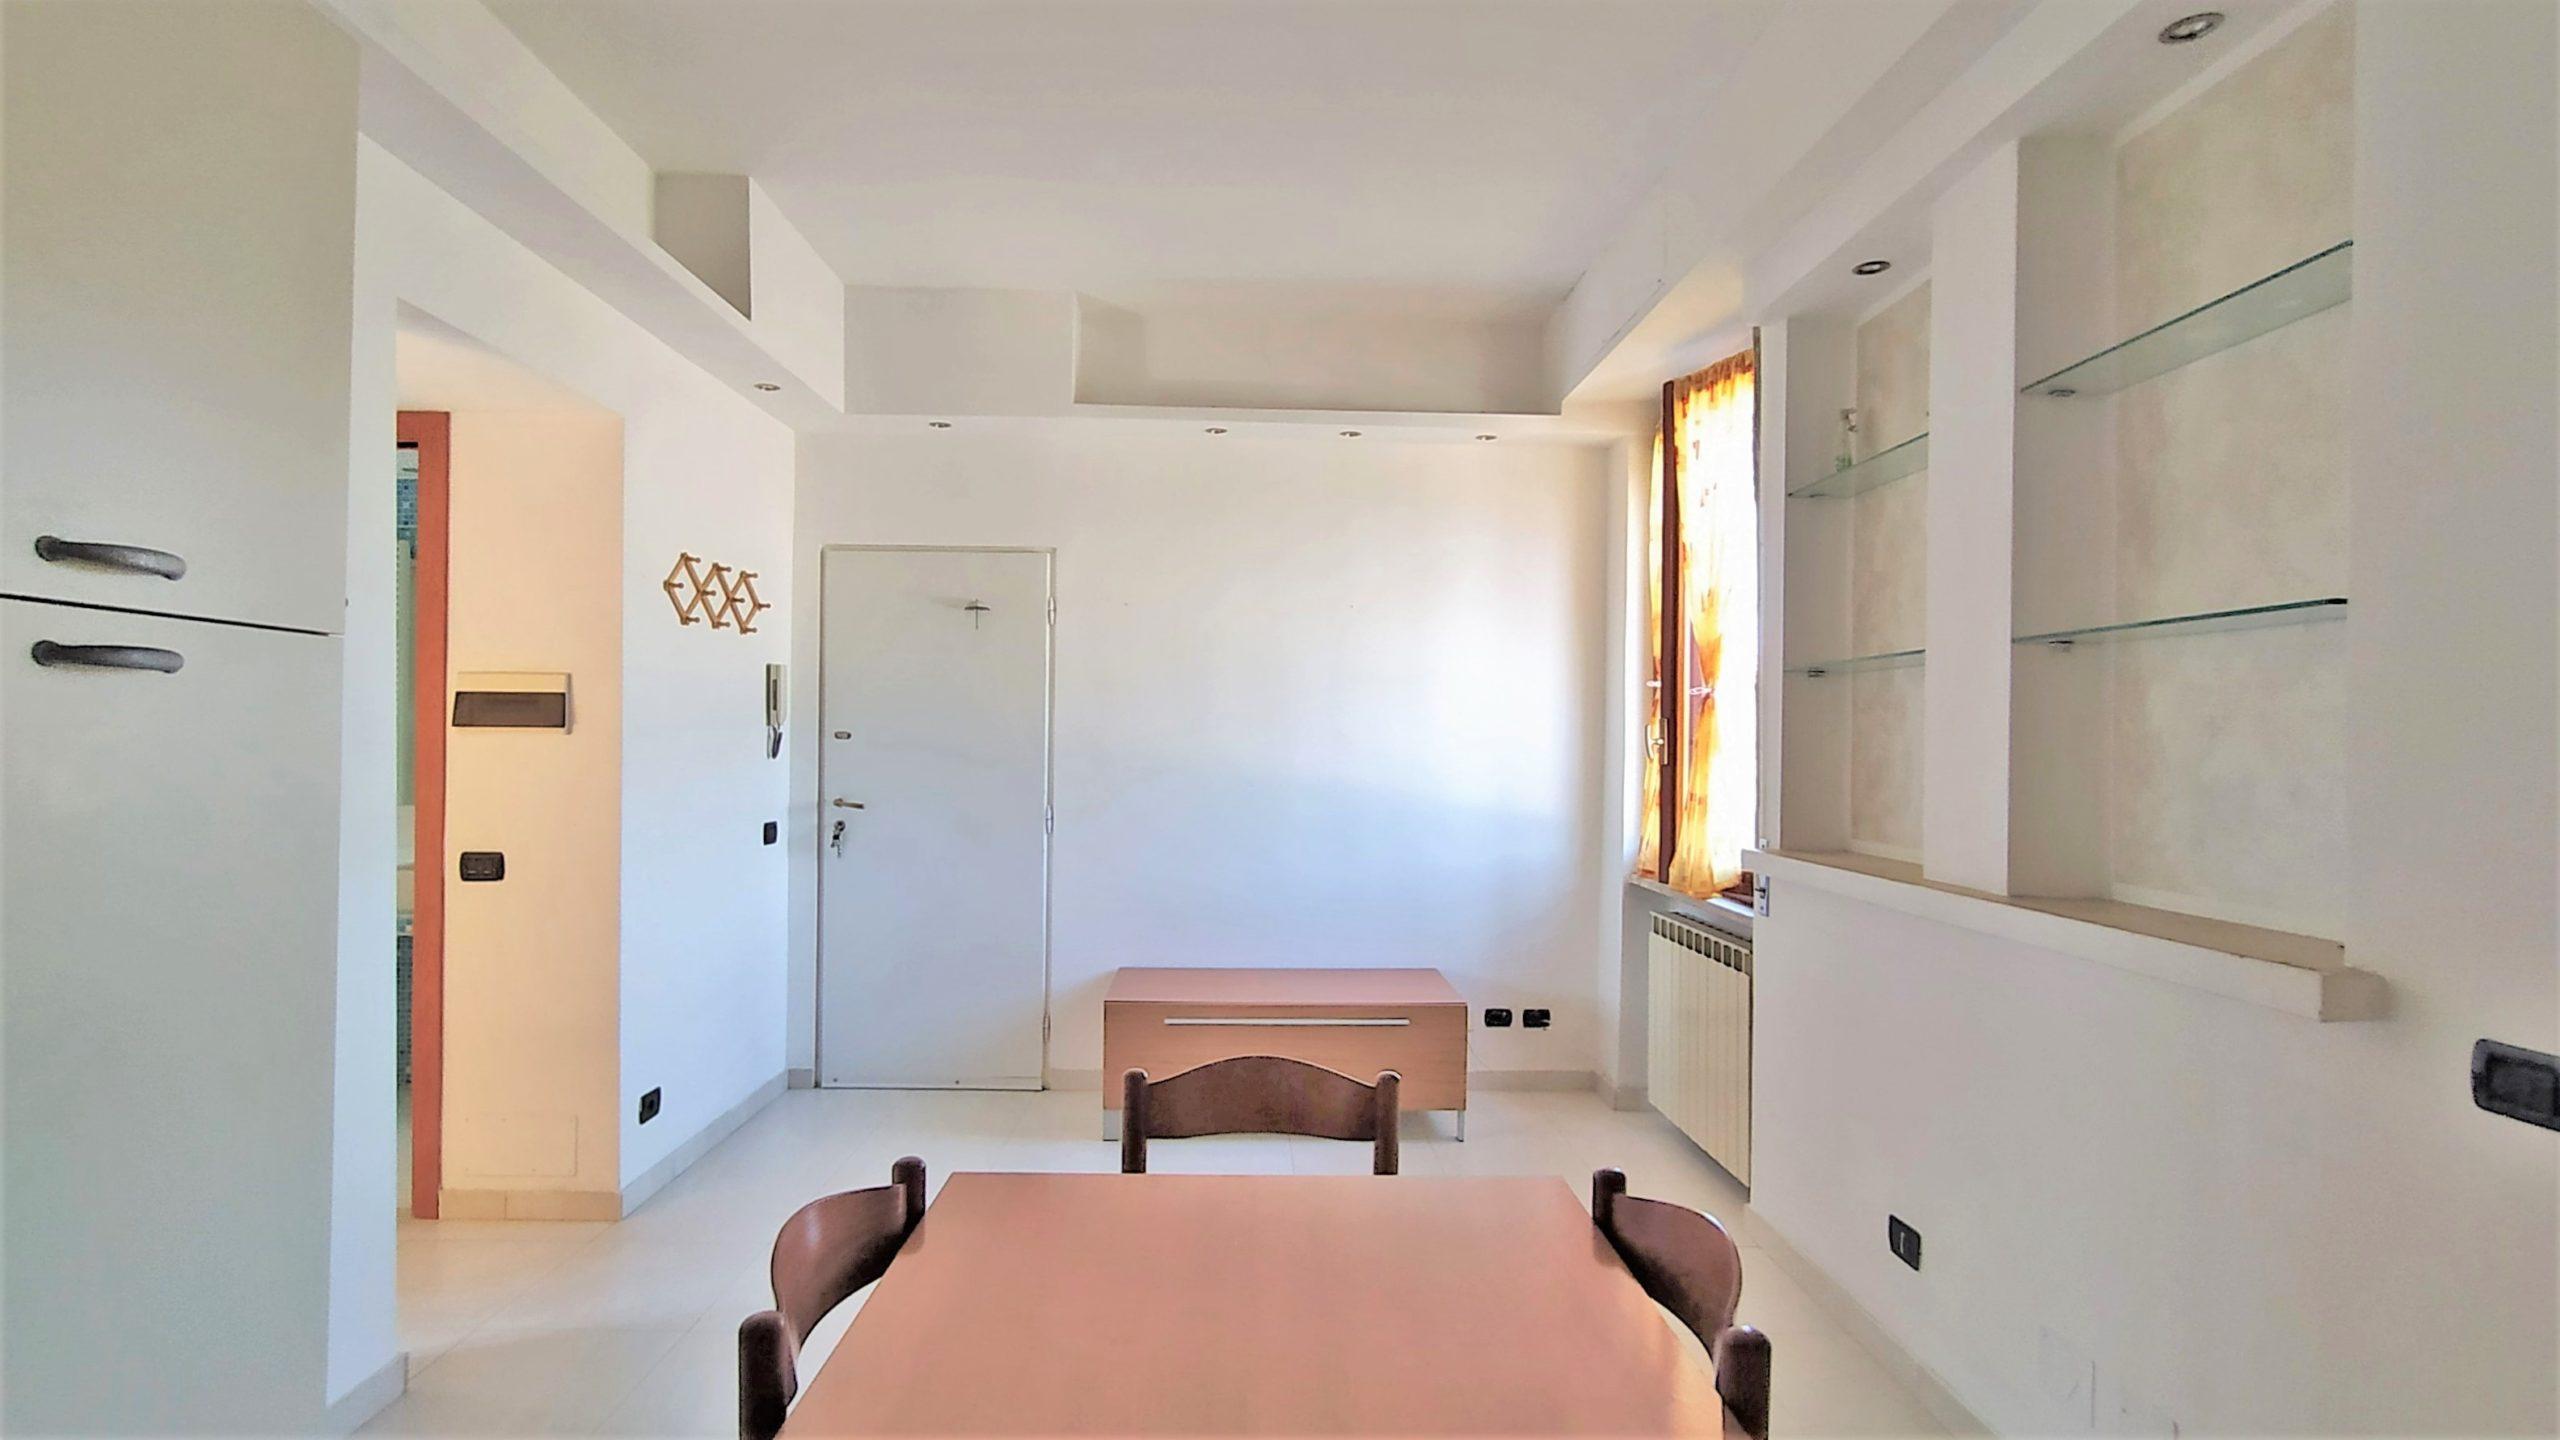 Casorate Primo (PV) – Appartamento bilocale